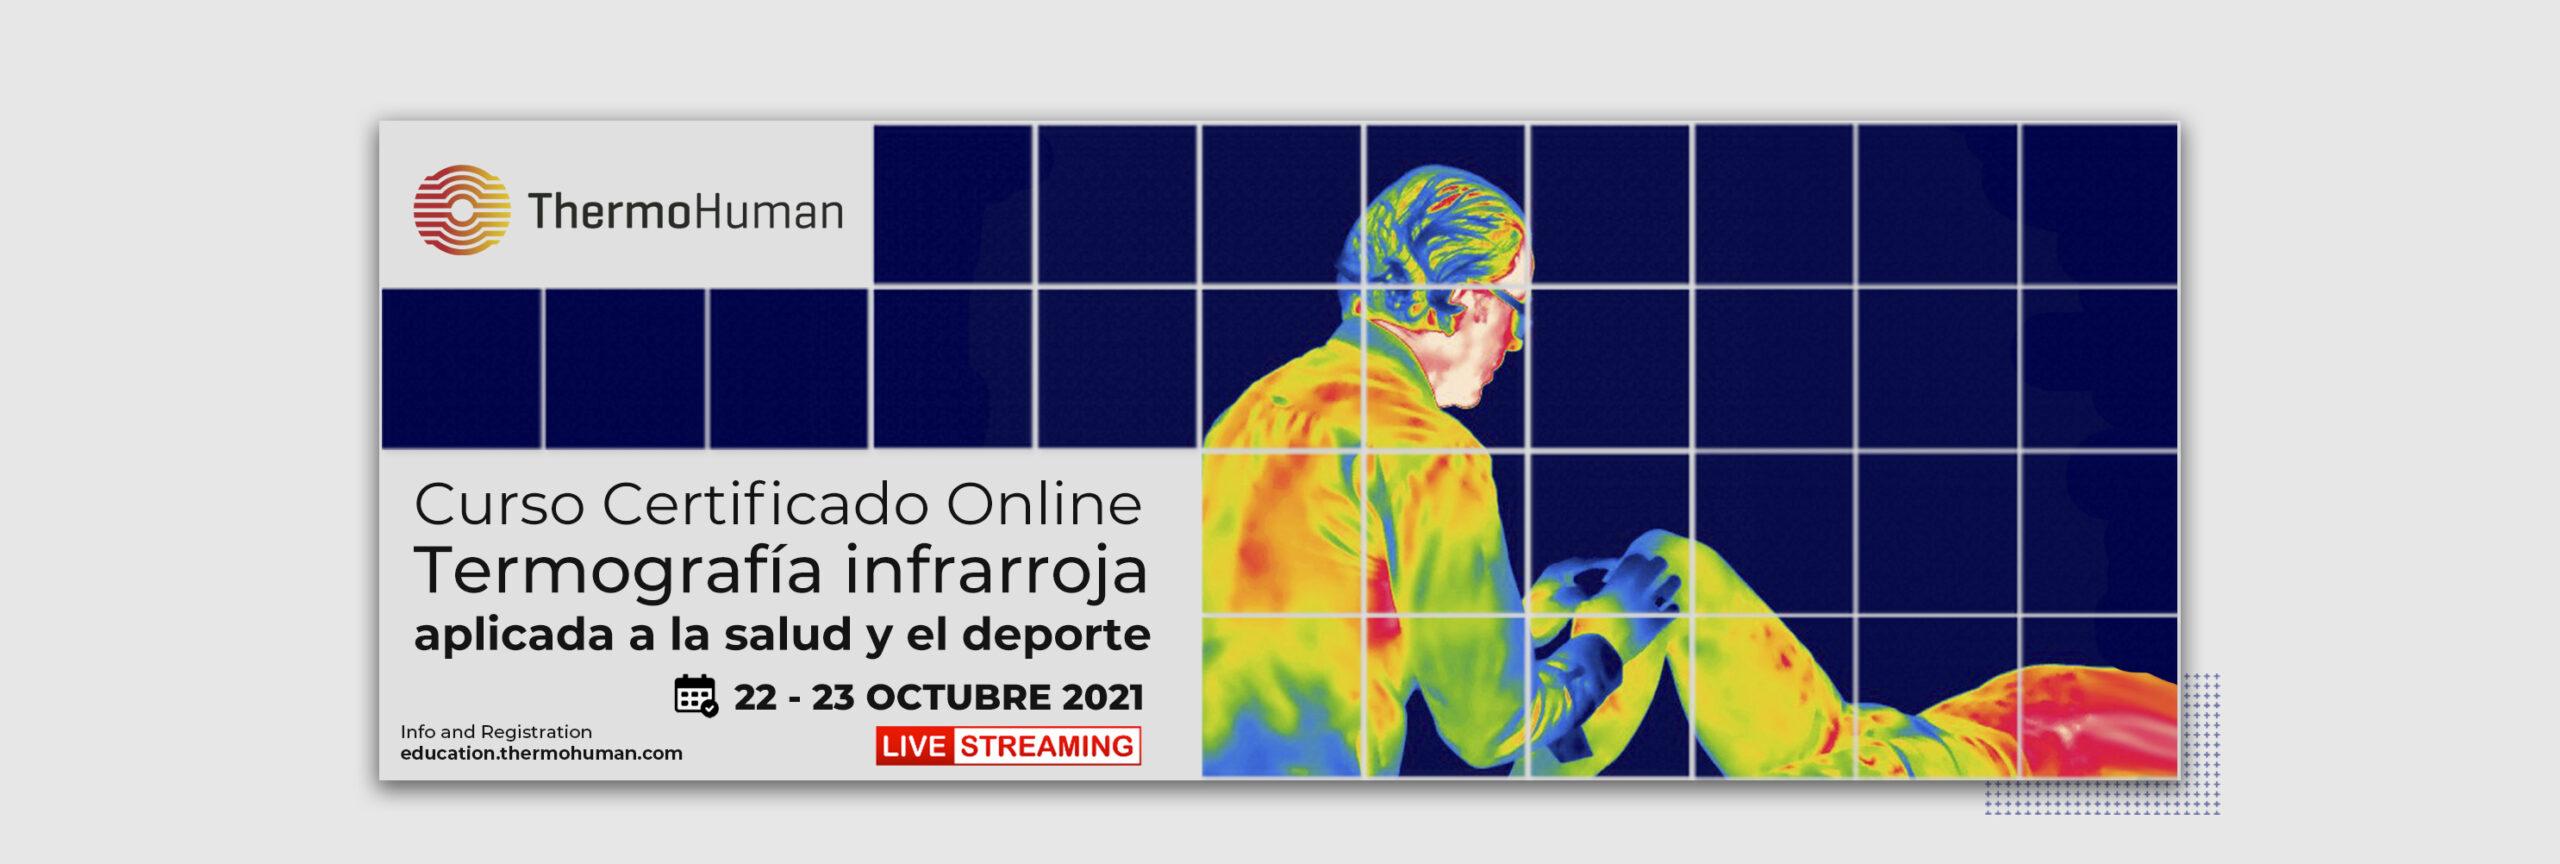 Curso Certificado Online de Termografía ThermoHuman 2021: 22 y 23 de octubre